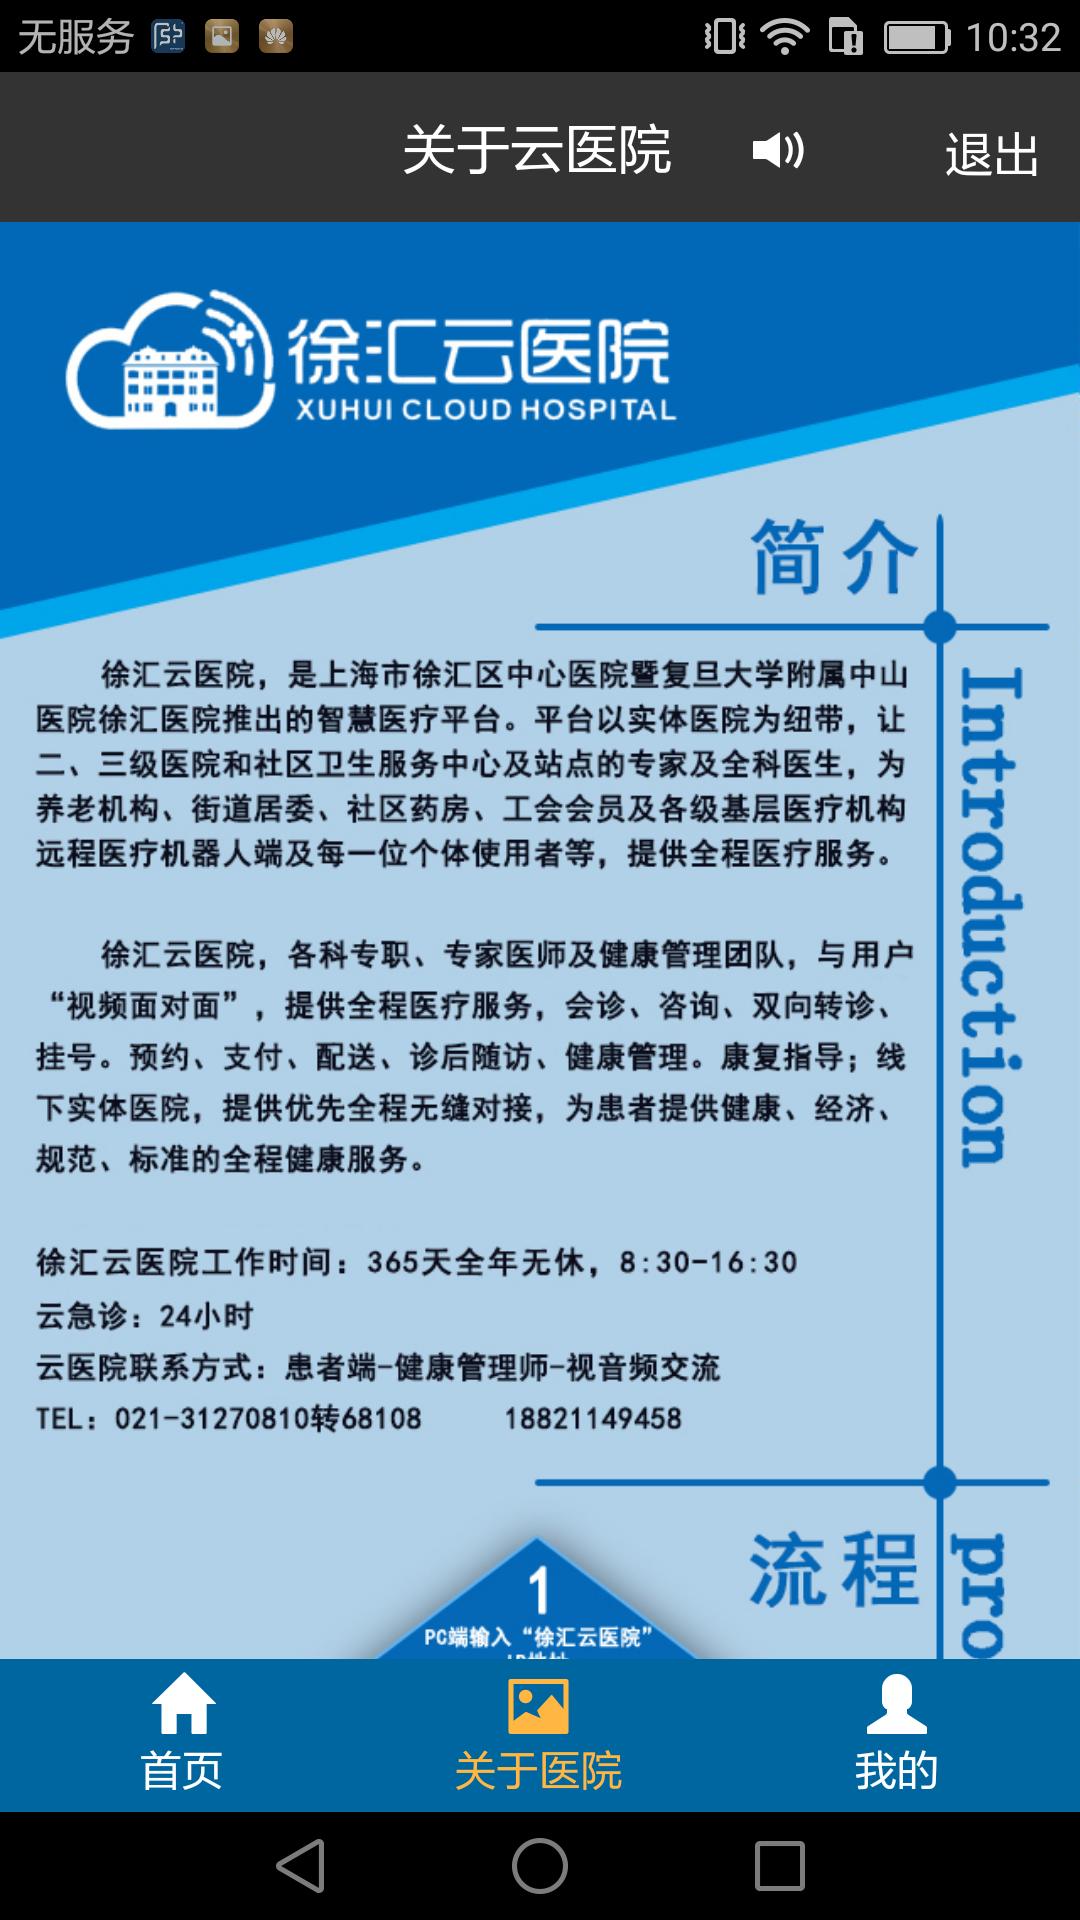 上海徐汇云医院